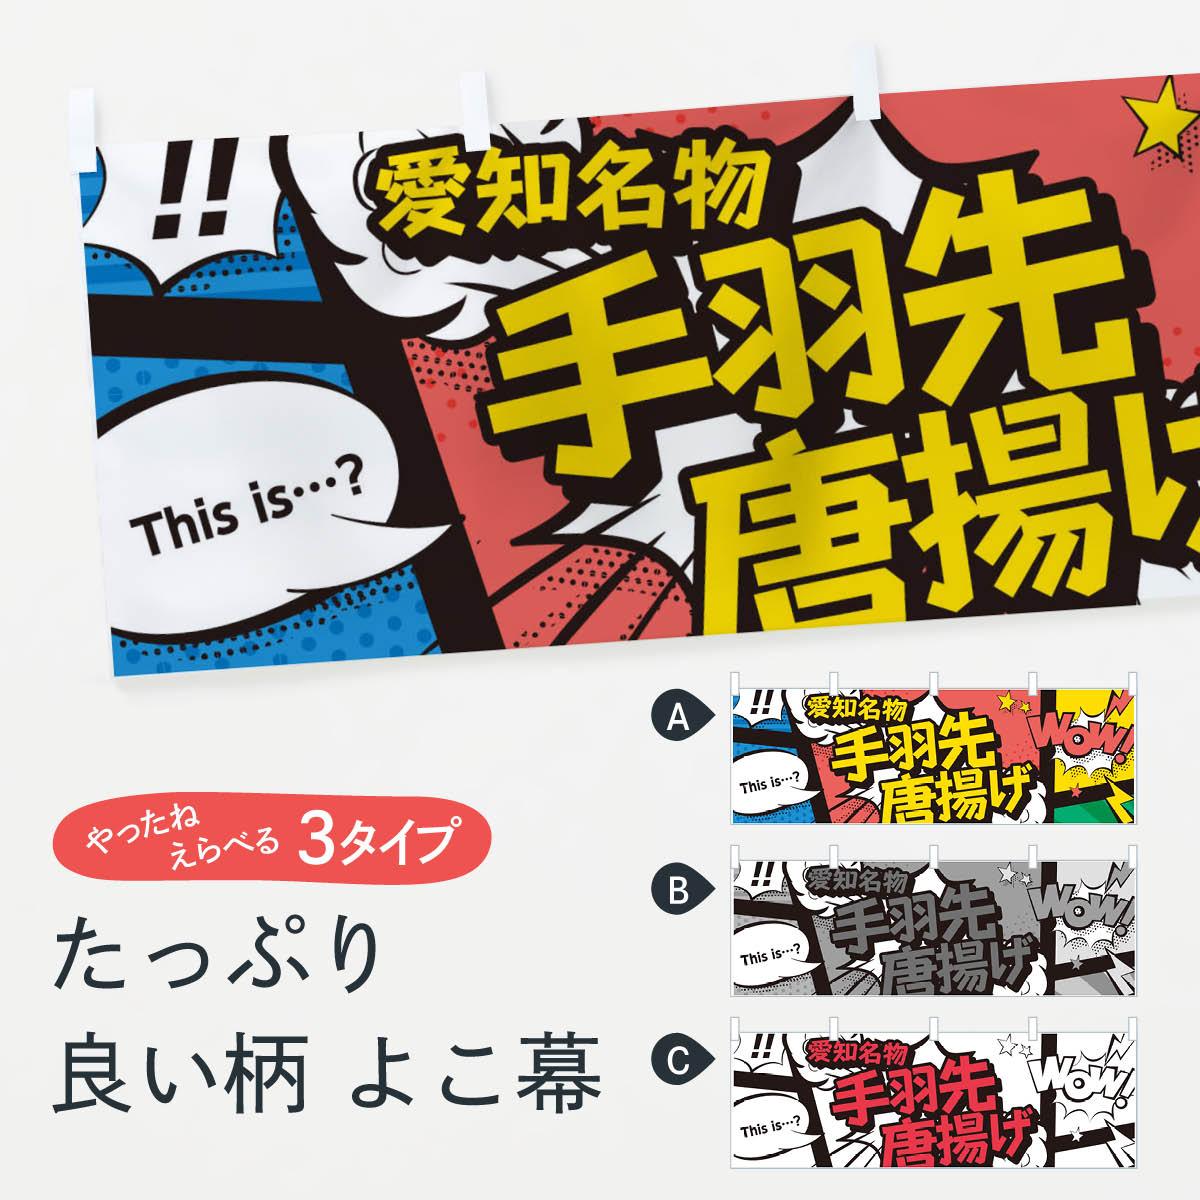 【3980送料無料】 横幕 手羽先唐揚げ 愛知名物 アメコミ風 マンガ風 コミック風